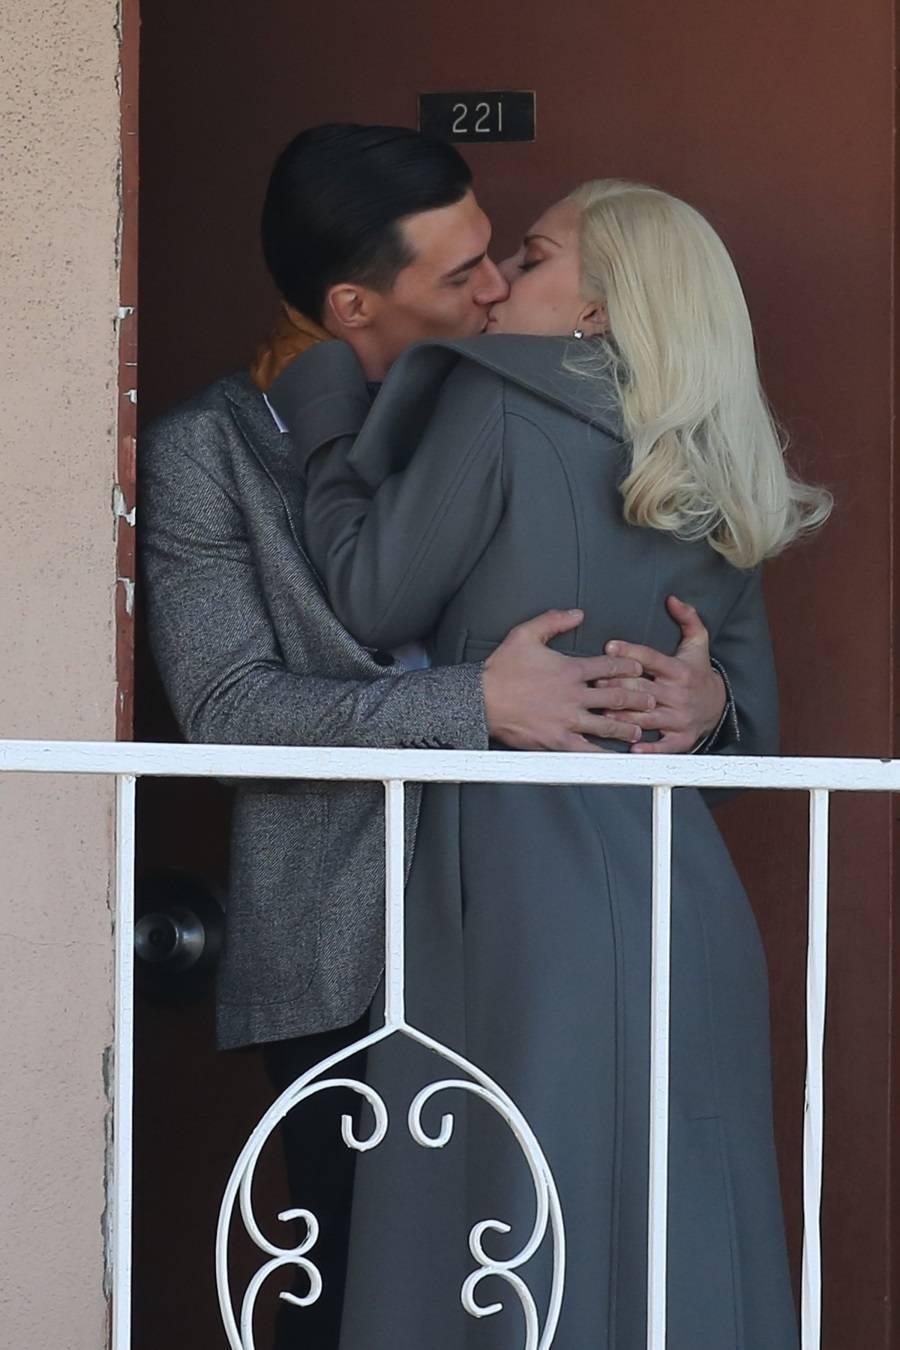 American Horror Story Cenas Quentes lady gaga beija muito em varanda de motel - fotos - r7 pop